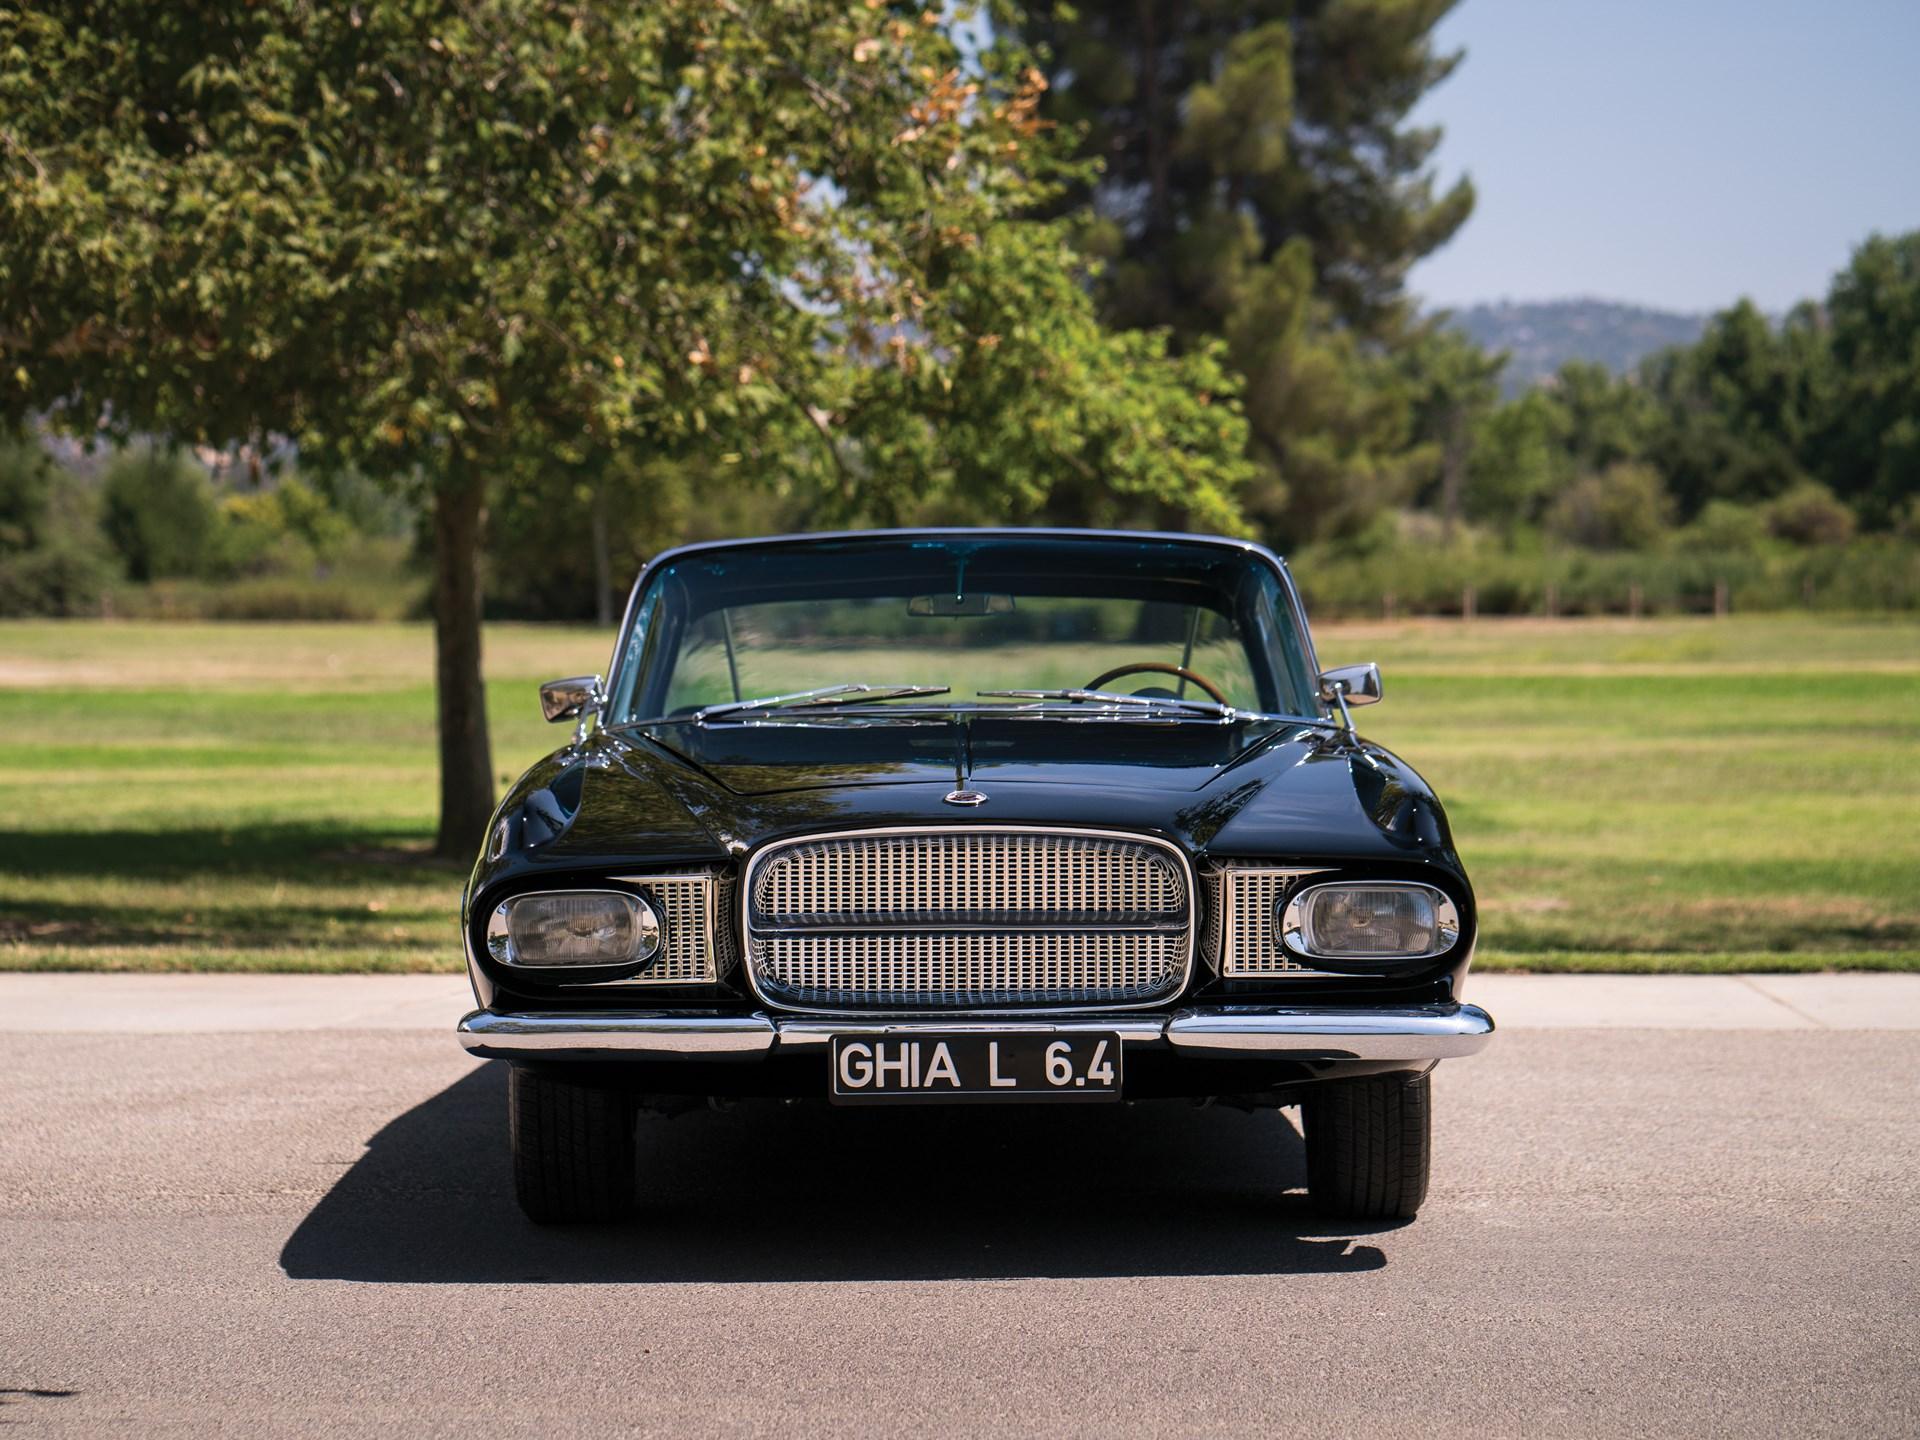 1961 Ghia L 6.4